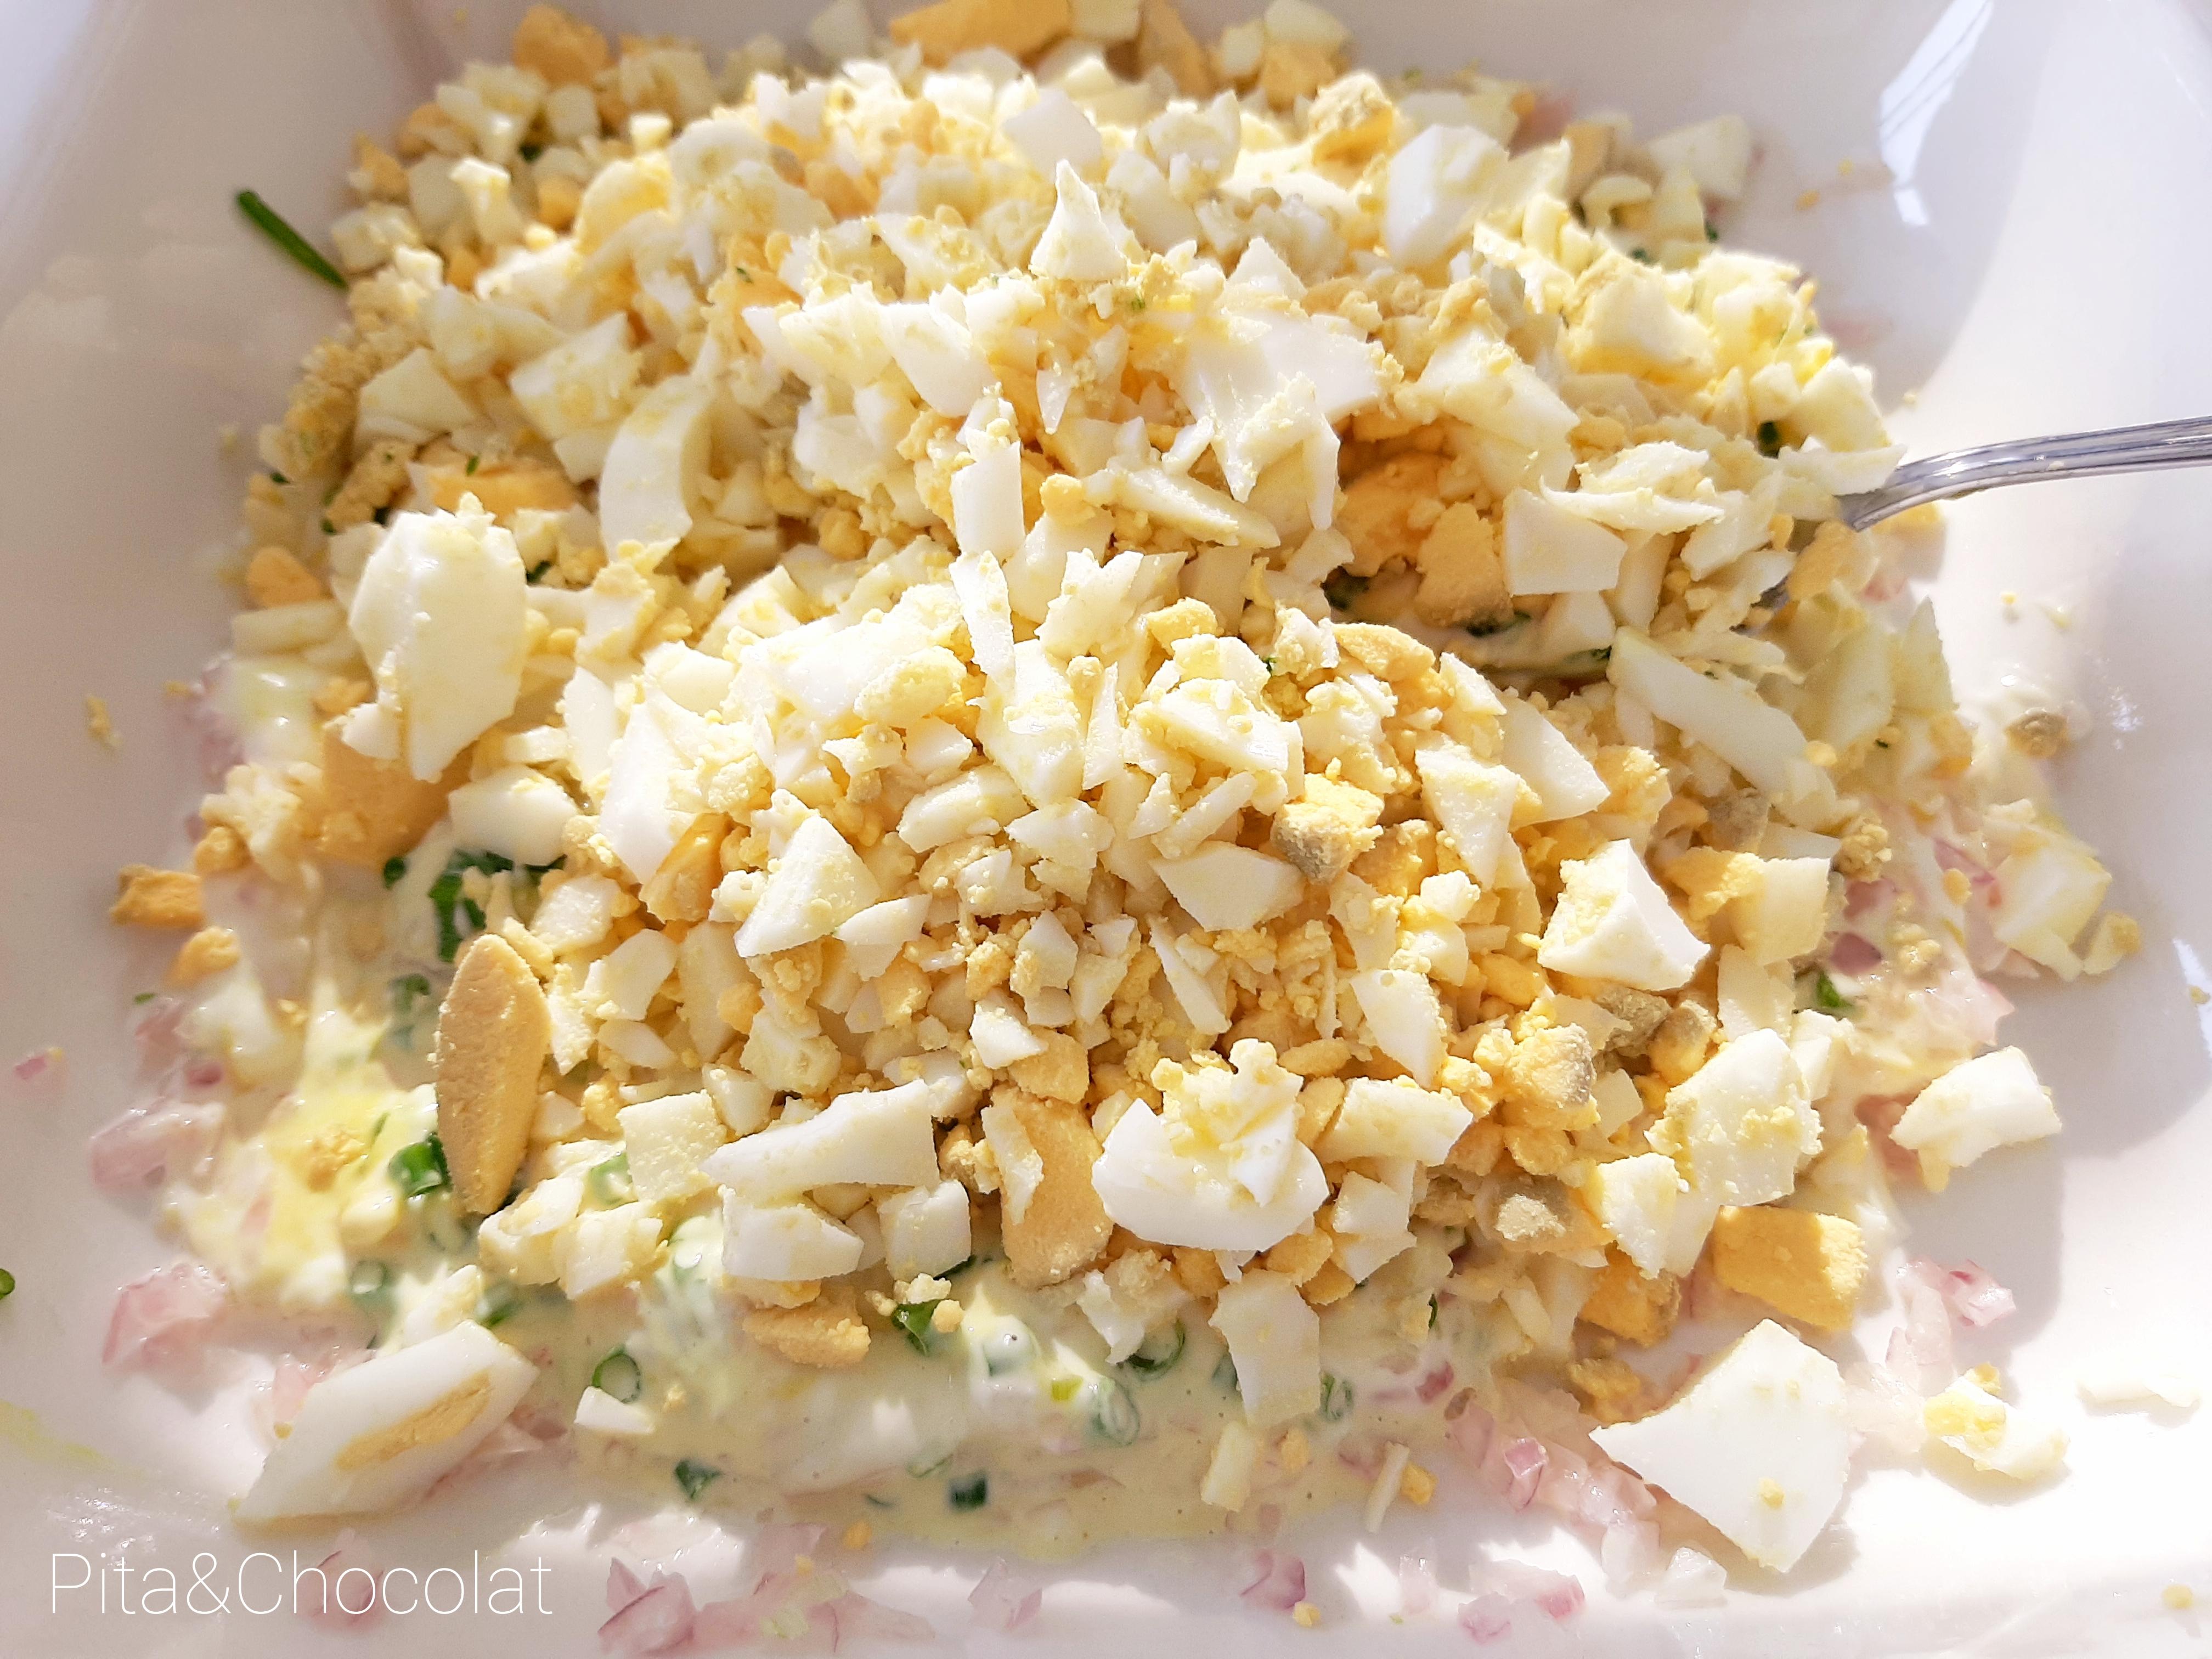 Salade d'œufs - Egg salad